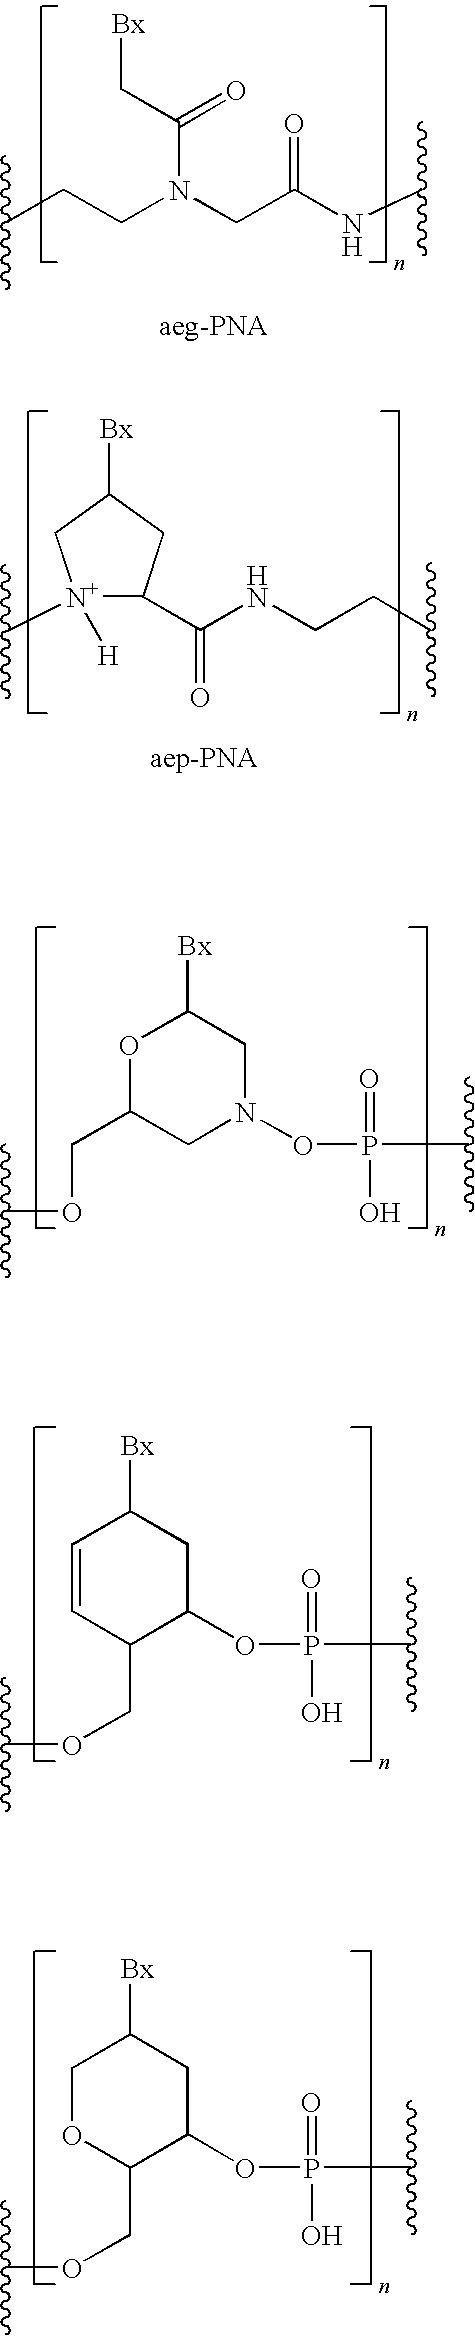 Figure US20090203132A1-20090813-C00011